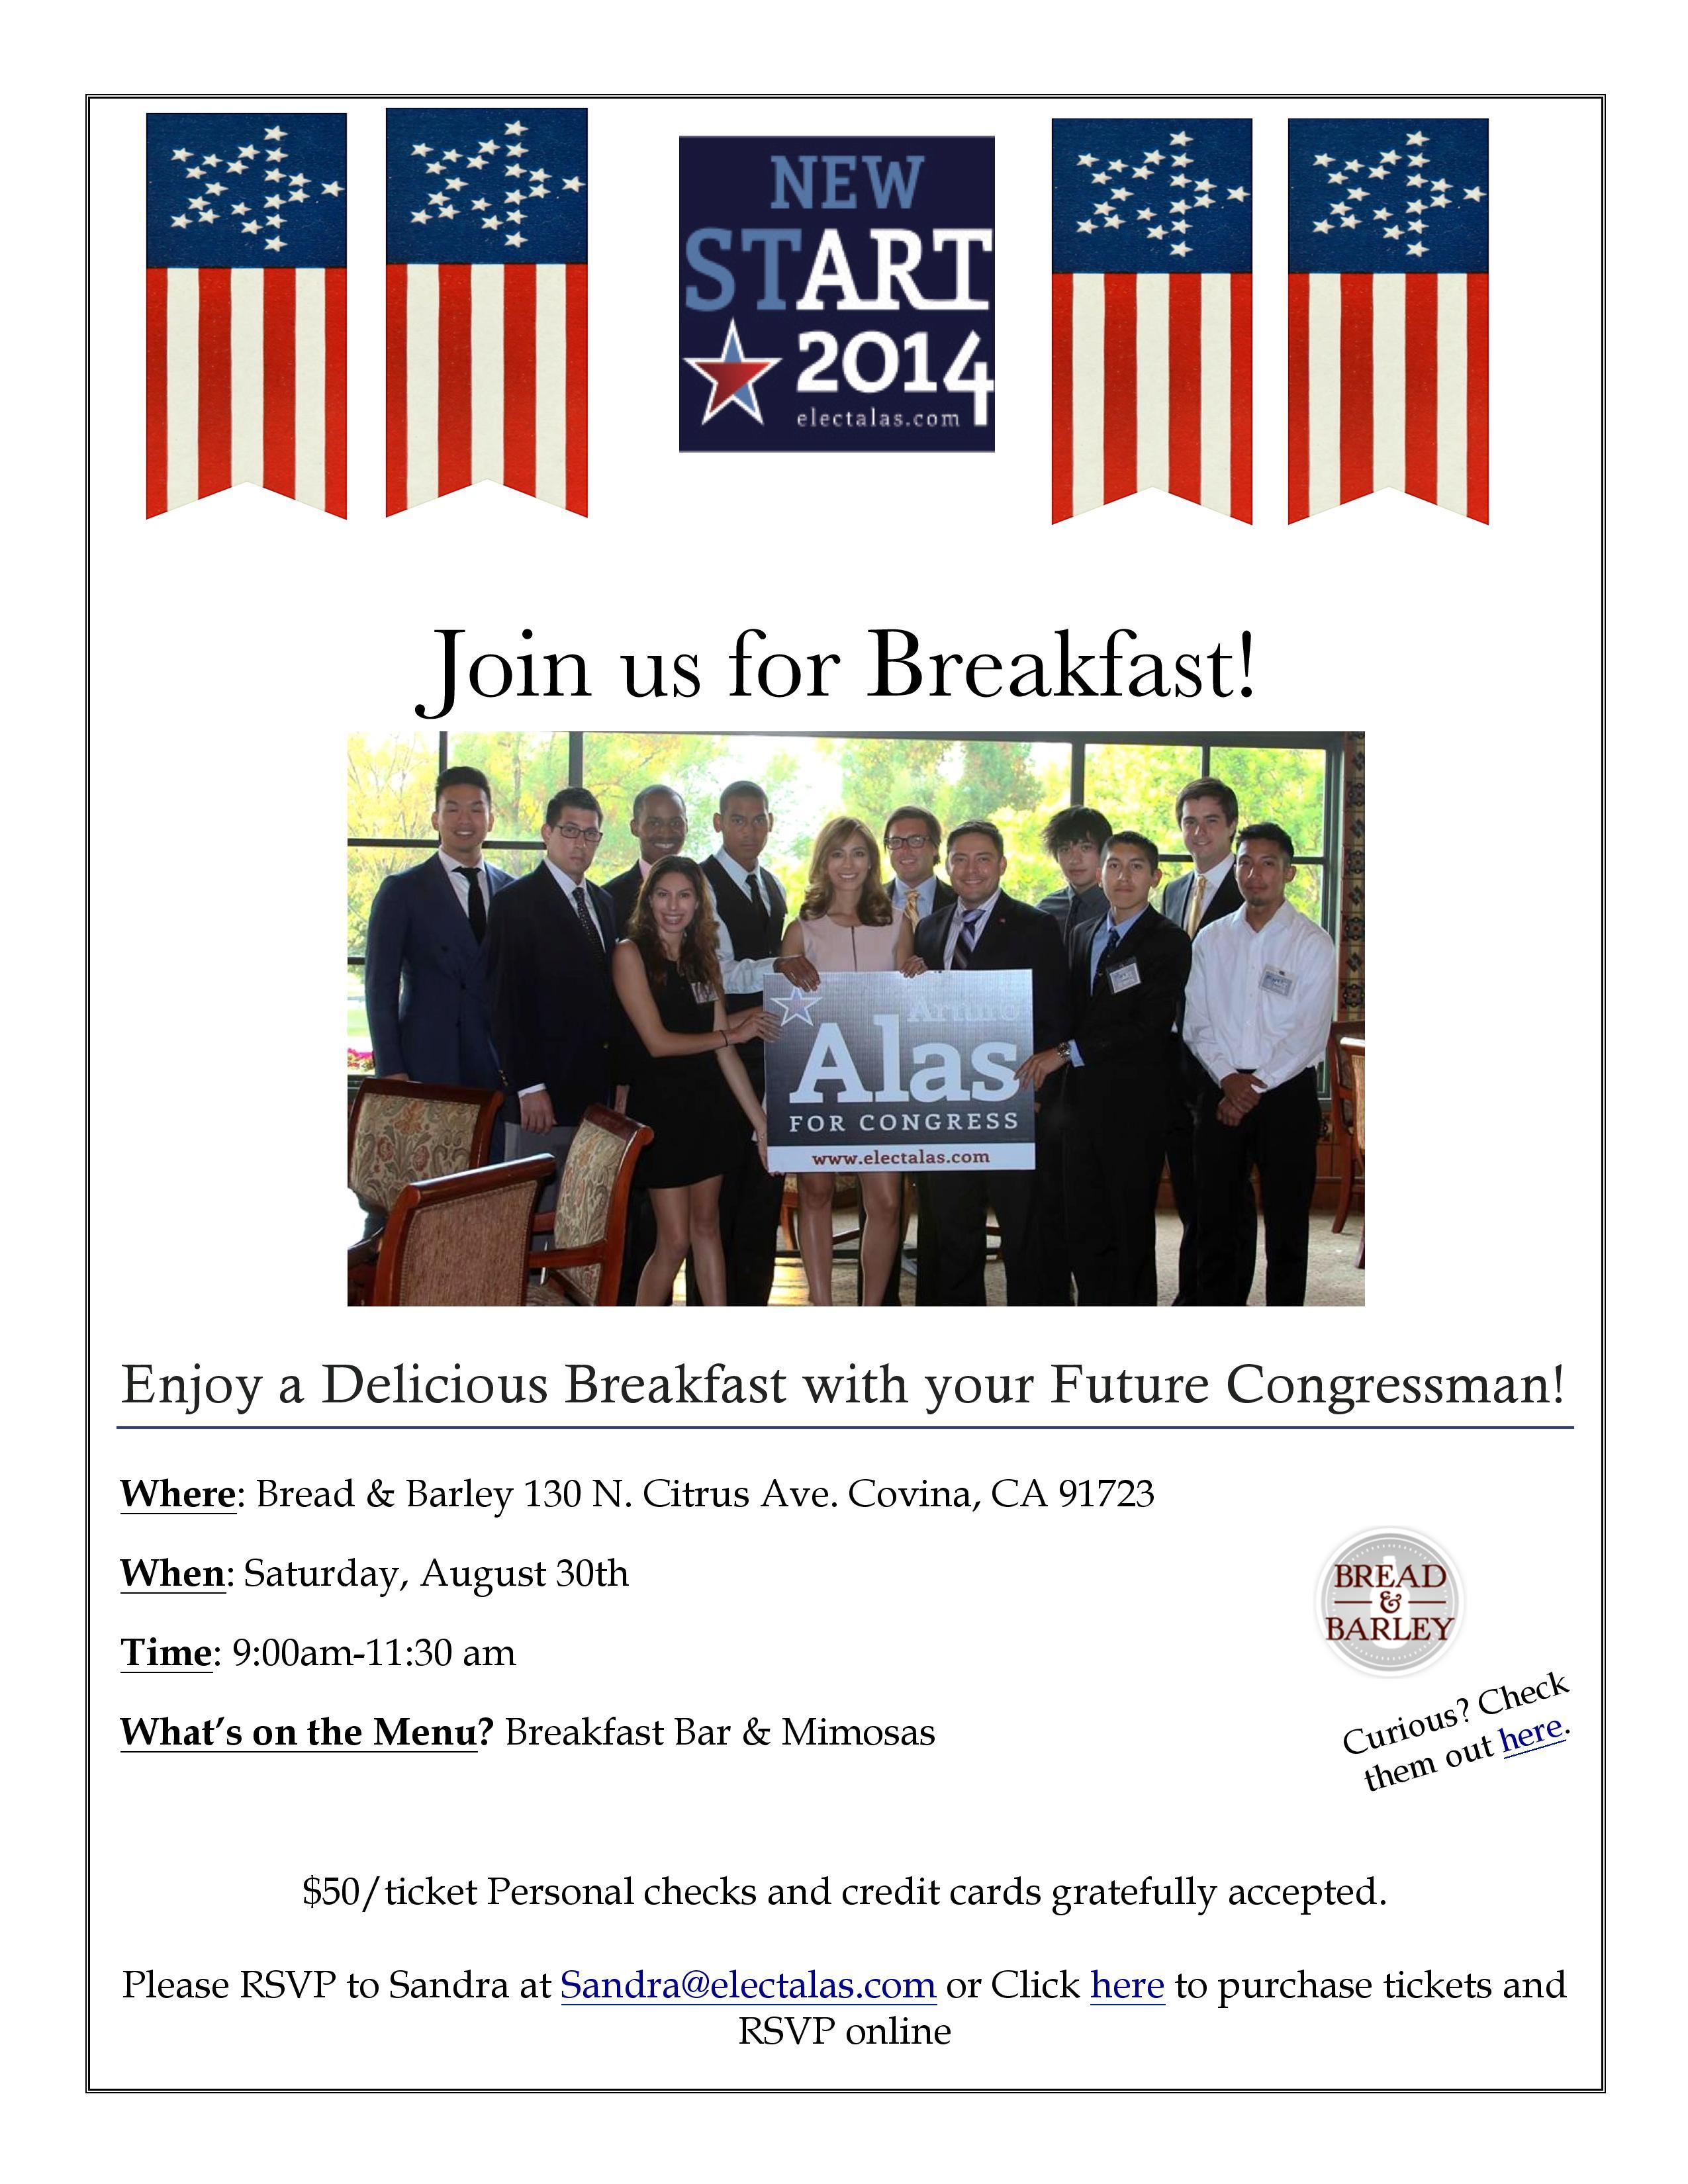 Breakfast_Fundraiser_Flyer-page-001.jpg